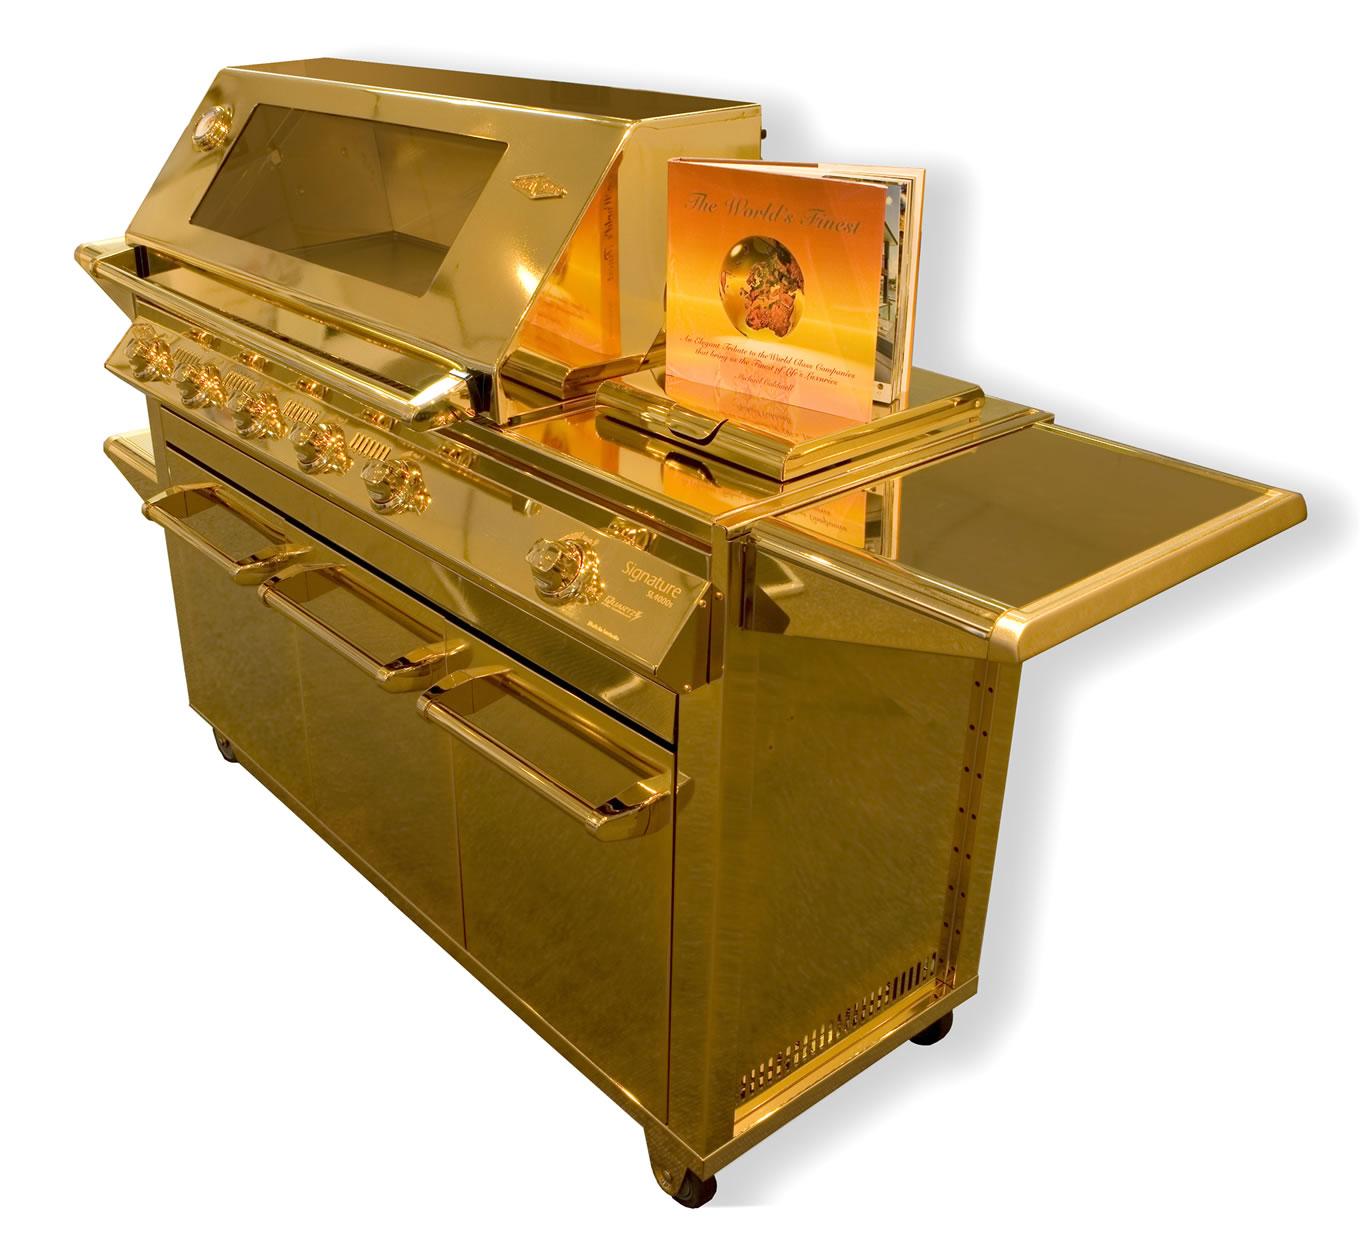 BBQ Illuminati: Worlds most expensive BBQ |Most Expensive Bbq Grills